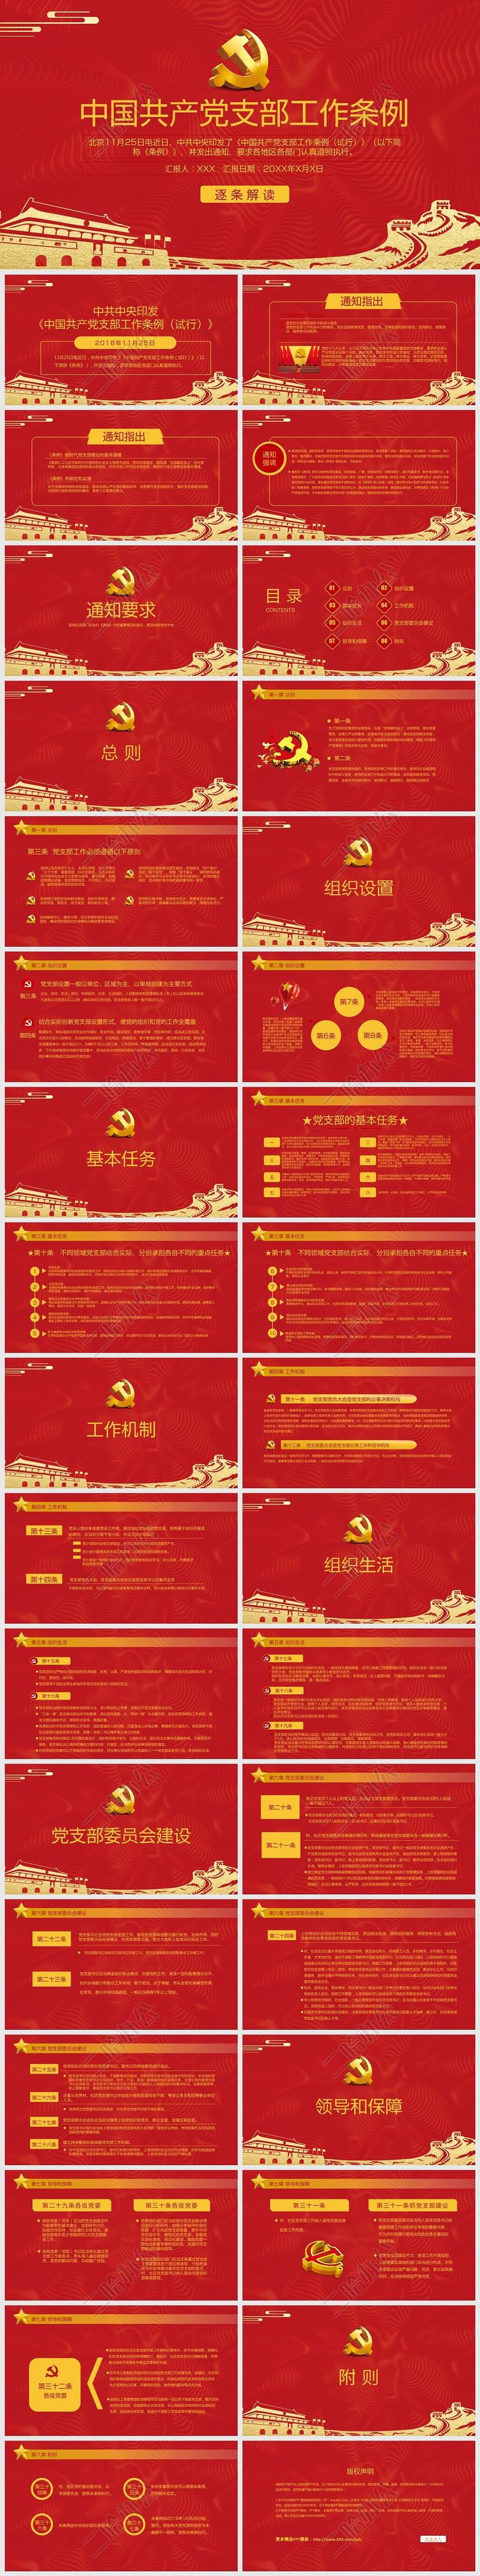 党支部工作计划_中国共产党党支部工作条例PPT模板-二哈办公